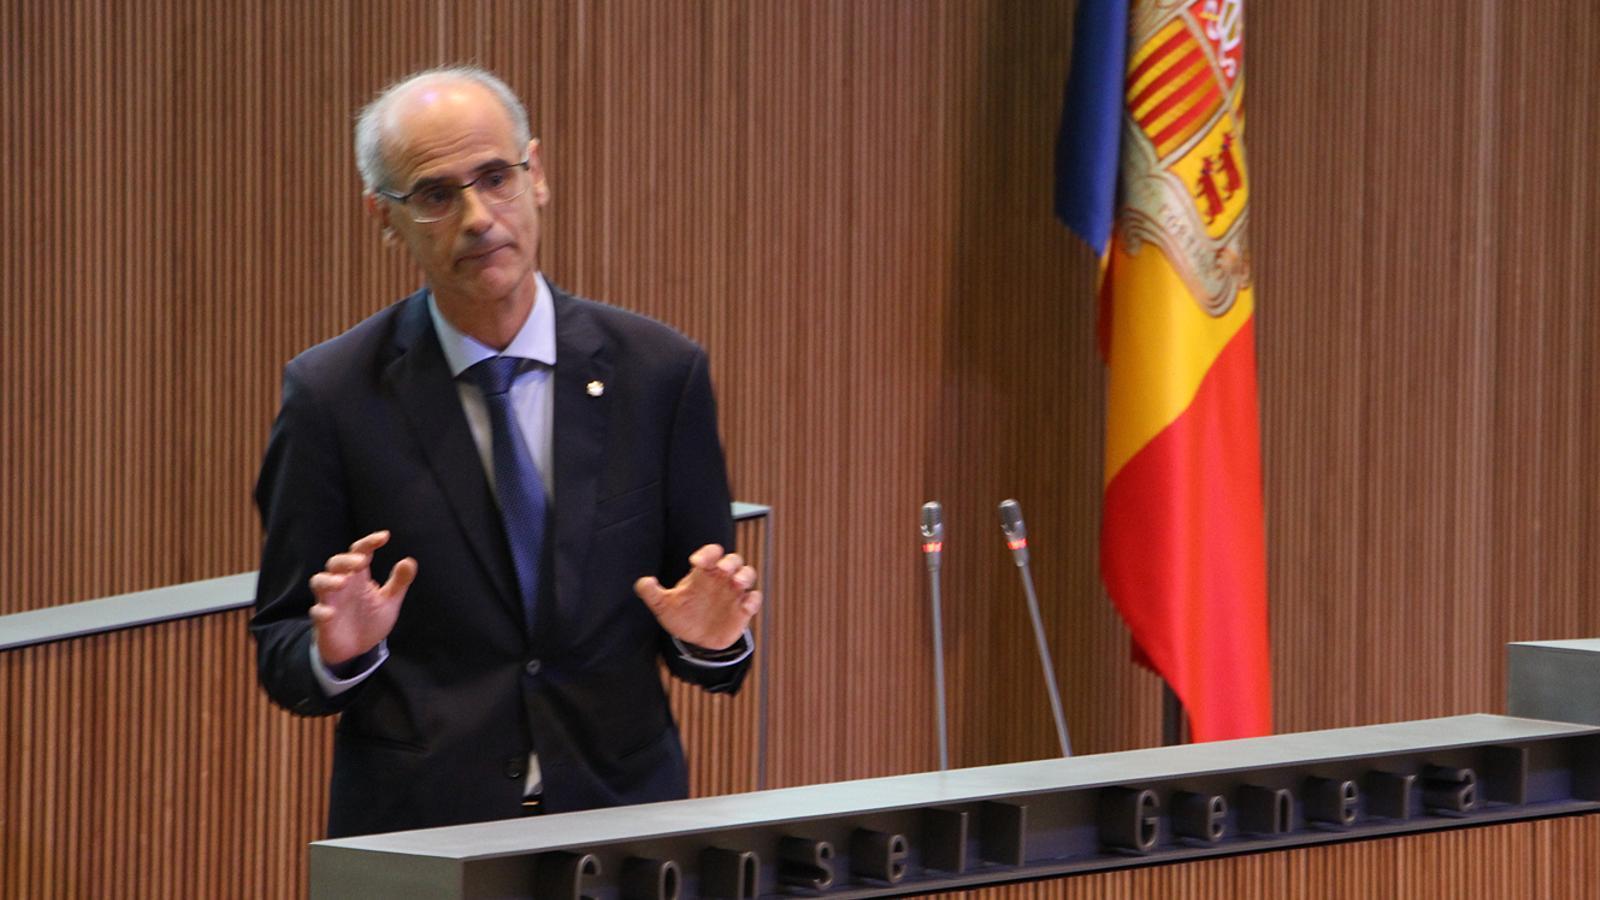 El cap de Govern, Toni Martí, durant el seu discurs de rèplica als grups de l'oposició on ha anunciat la data electoral. / M. M. (ANA)